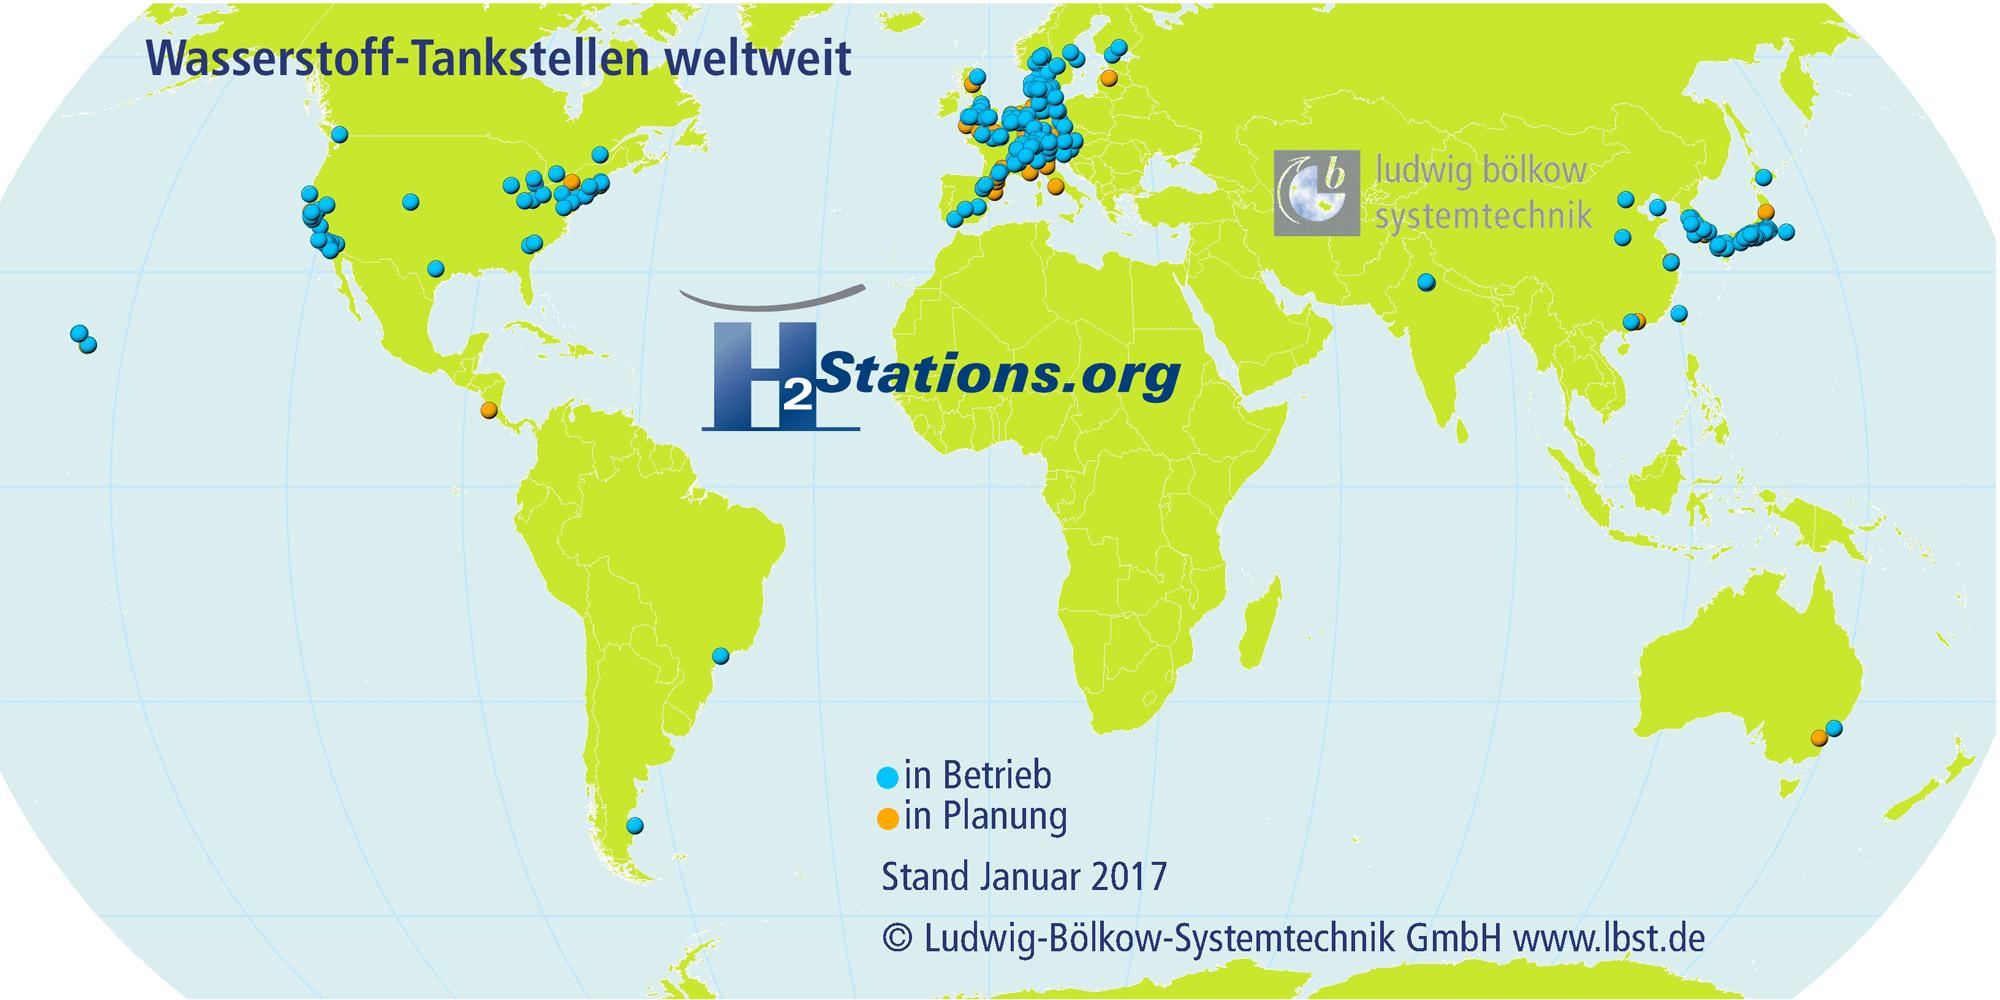 Wasserstoff-Elektroauto-Tankstellen-Weltweit-2017